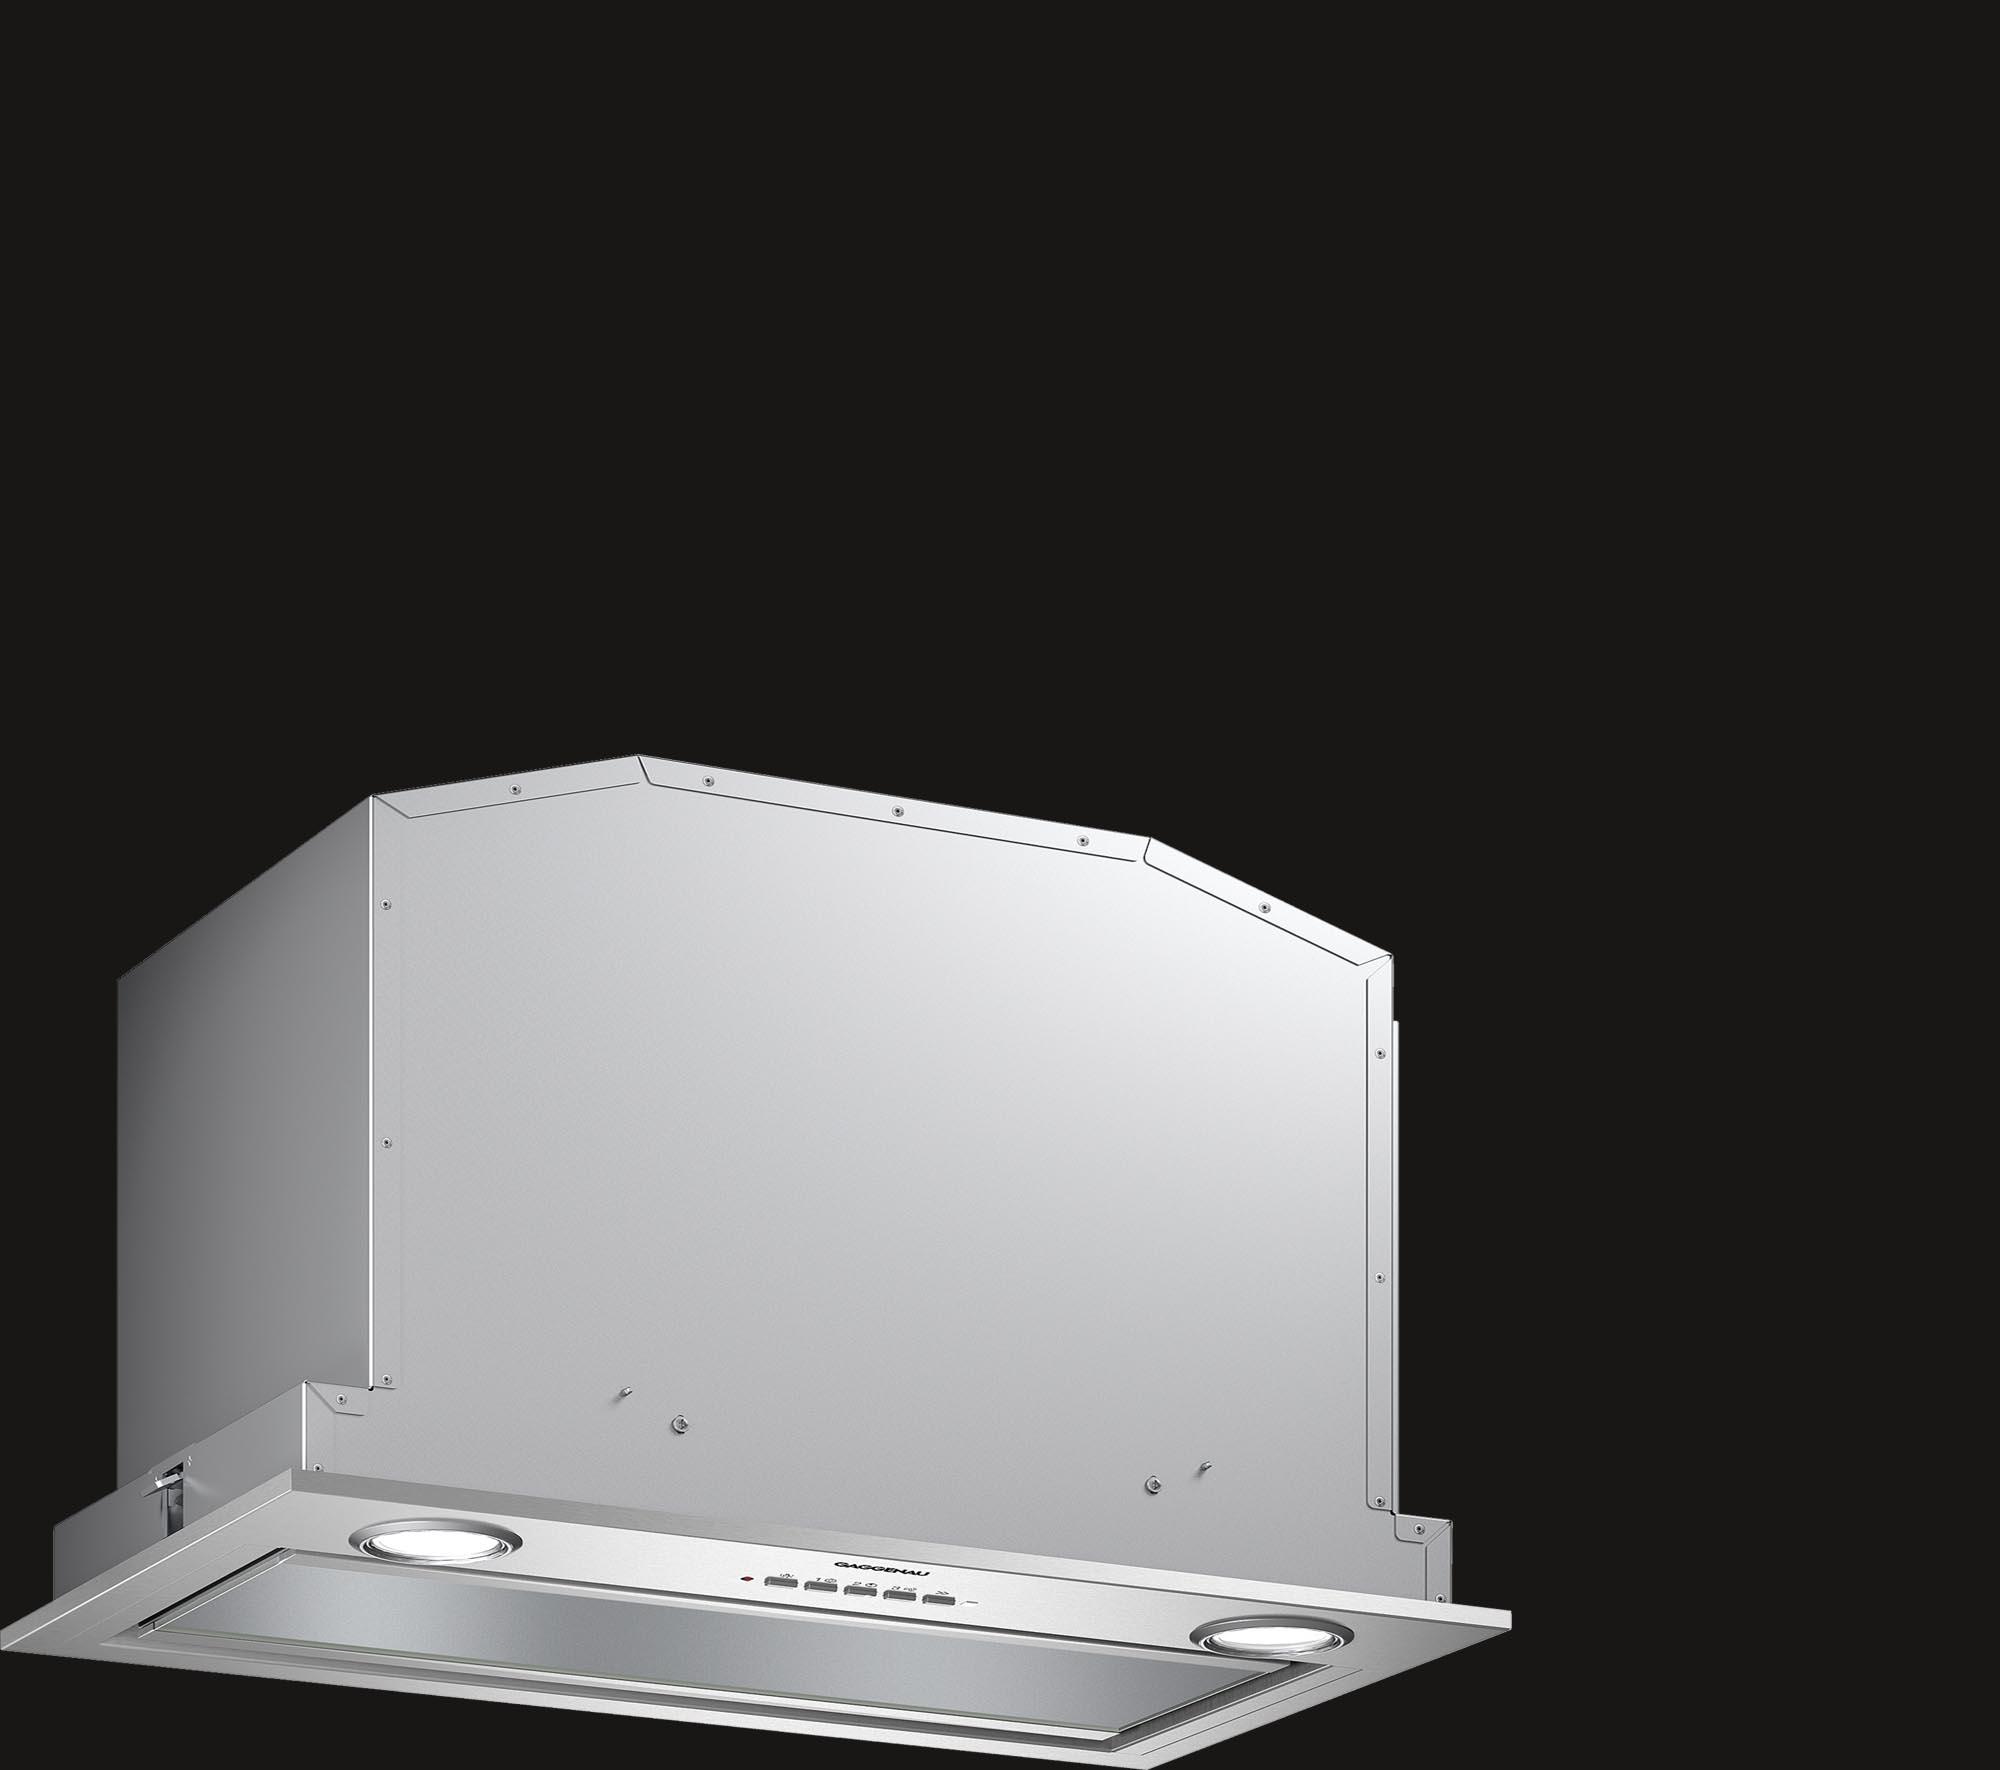 Витяжка для монтажу в підвісну шафу  AC200160 GAGGENAU